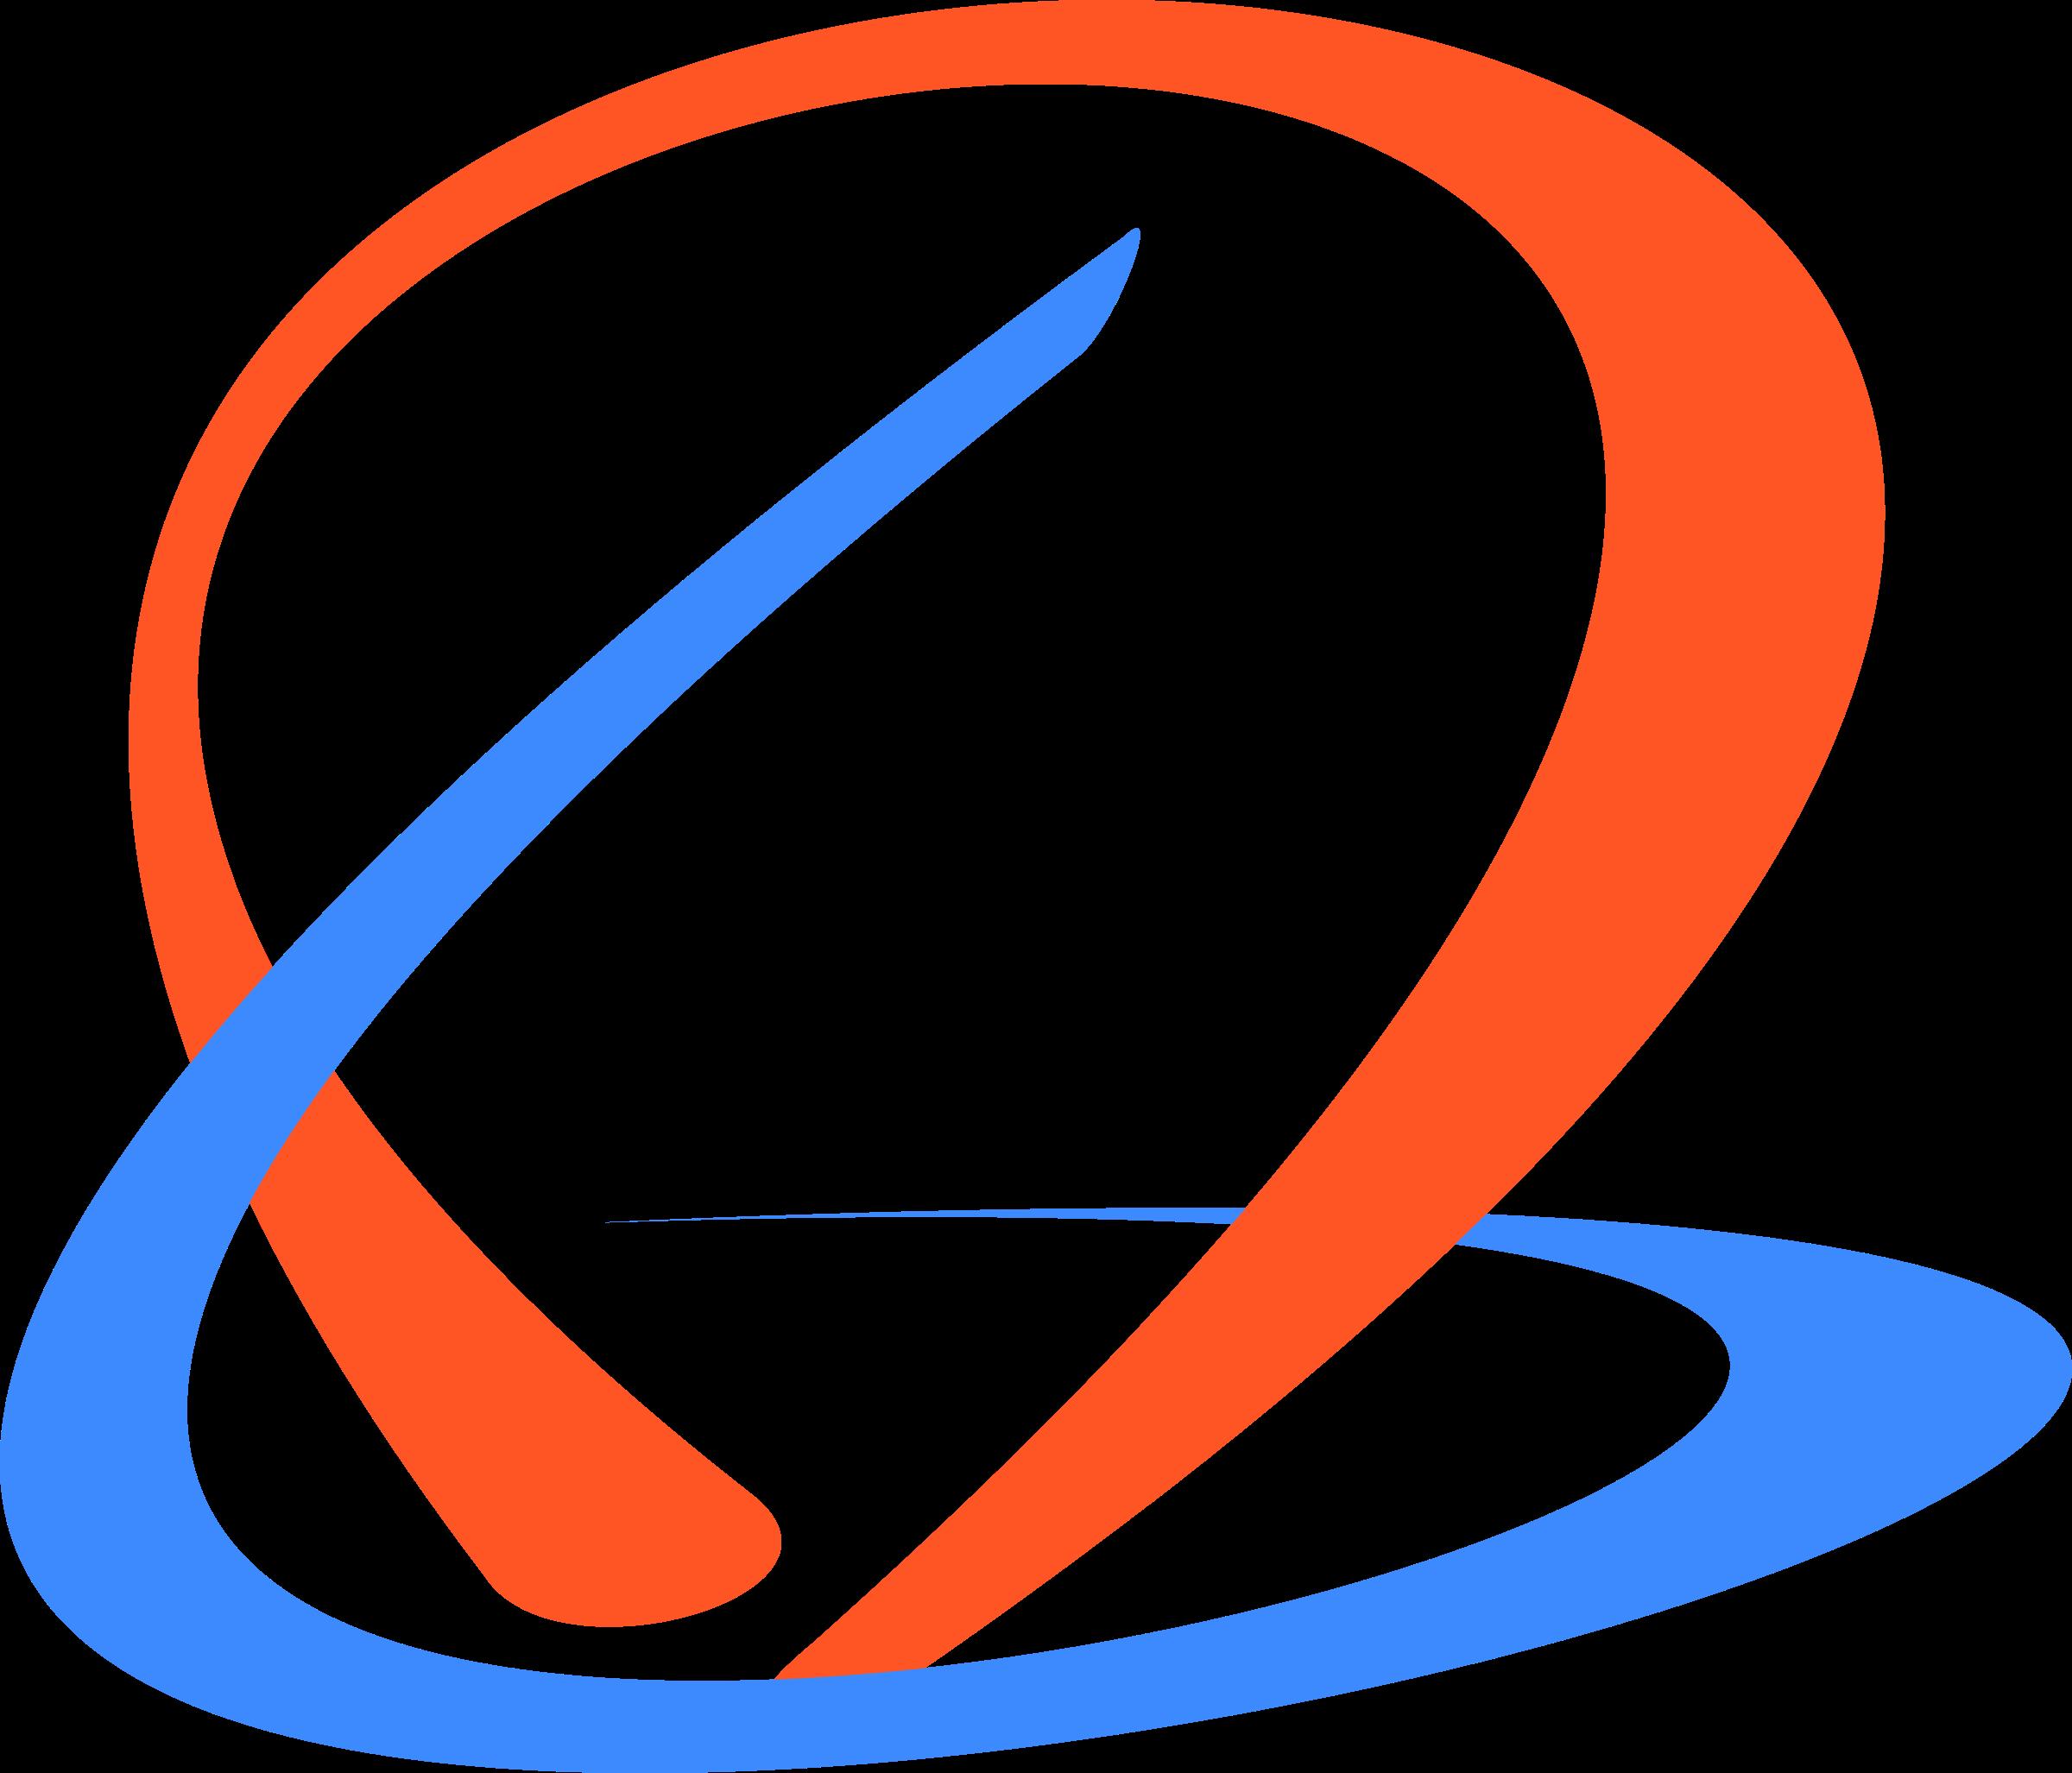 Design clipart logo, Design logo Transparent FREE for.